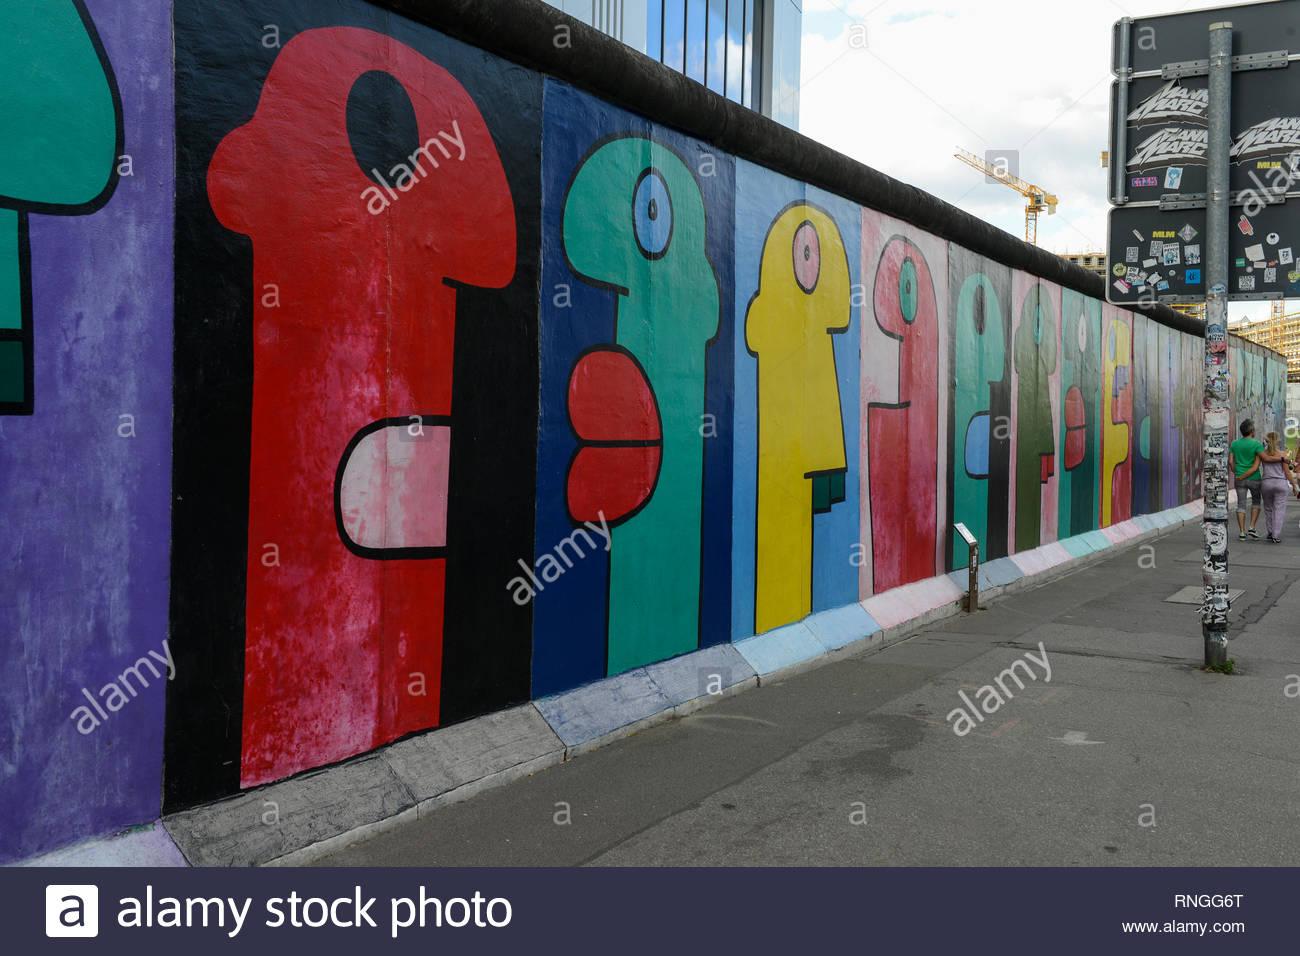 Alemania, Berlín, el muro, East Side Gallery, pared paintíngs y murales sobre la guerra fría y las paredes Imagen De Stock